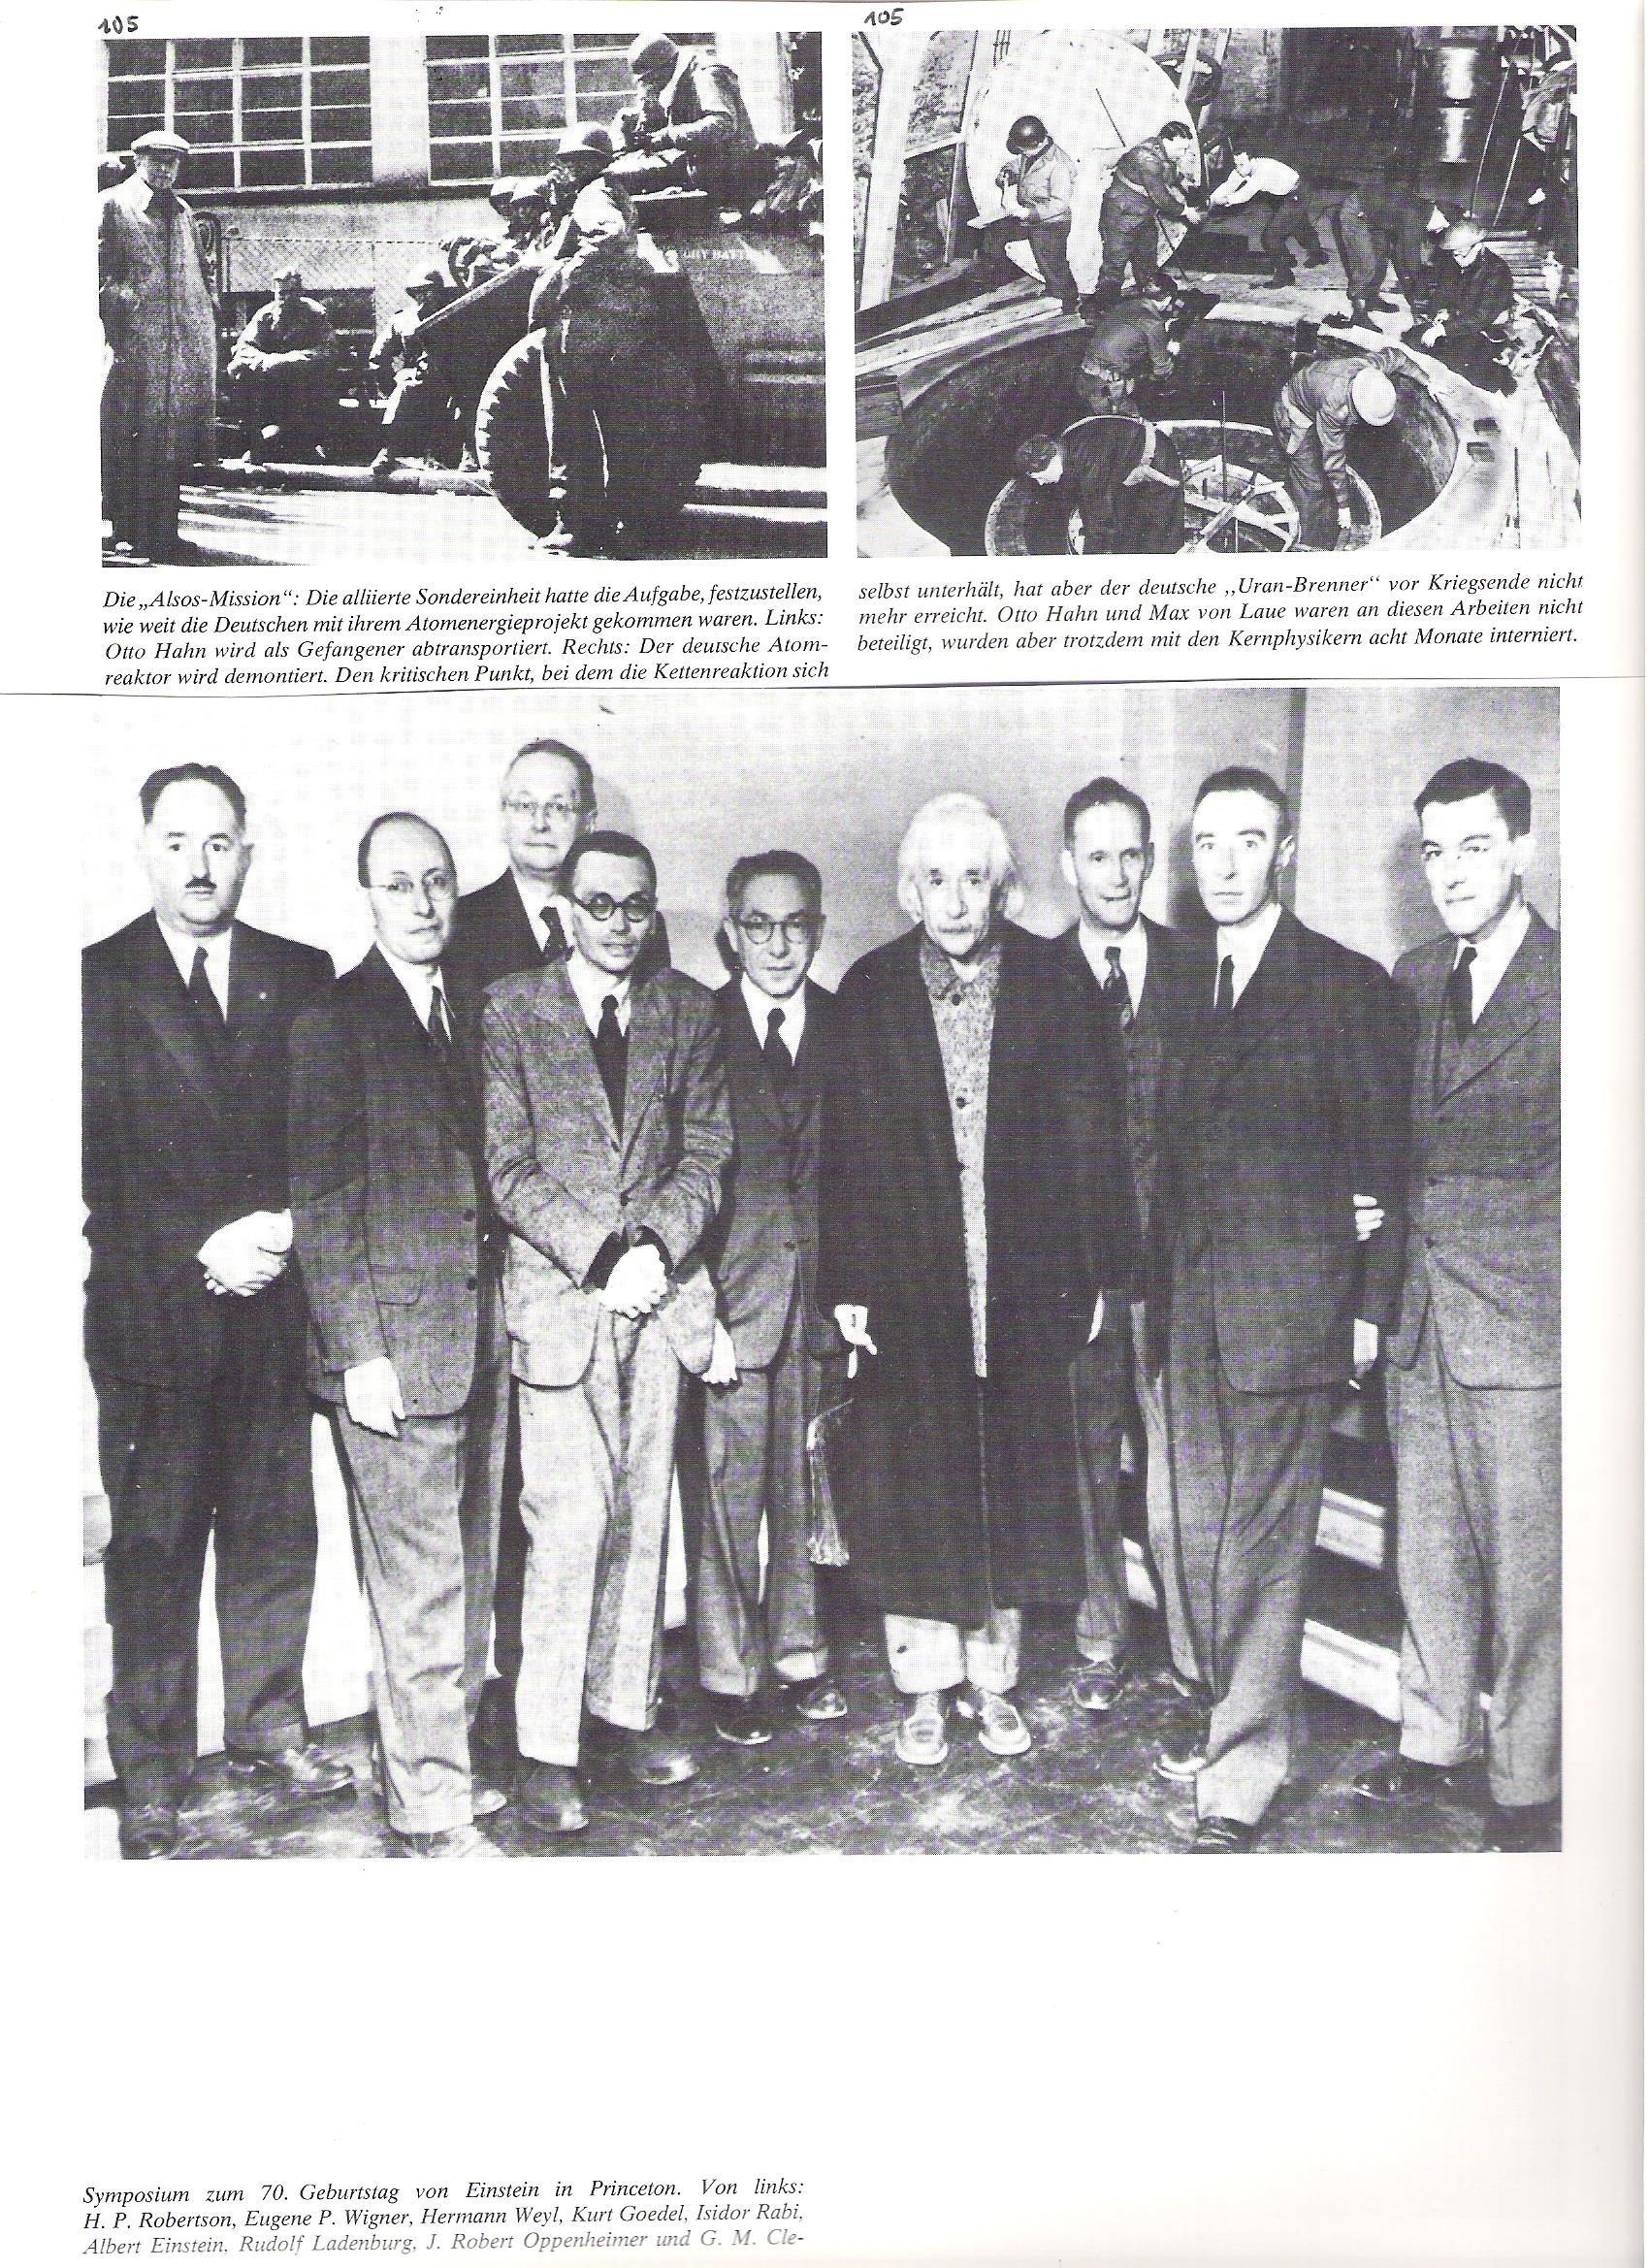 105<br />Az Alsos-küldetés: a Szövetségesek különleges egysége feladatul kapta, hogy állapítsa meg, mennyire vannak a németek az atomenergia-projektjükkel. Balról: Otto Hahnt, mint foglyot elszállítják.<br /><br />105<br />A német atomreaktort leszerelik. A kritikus pontot, amelynél a láncreakció önmagát fenttartja, a német urán-máglya a háború vége előtt már nem érte el. Otto Hahn és Max von Laue nem vettek részt ezekben a munkálatokban, mégis, a többi atomfizikussal 8 hónapig internálva voltak.